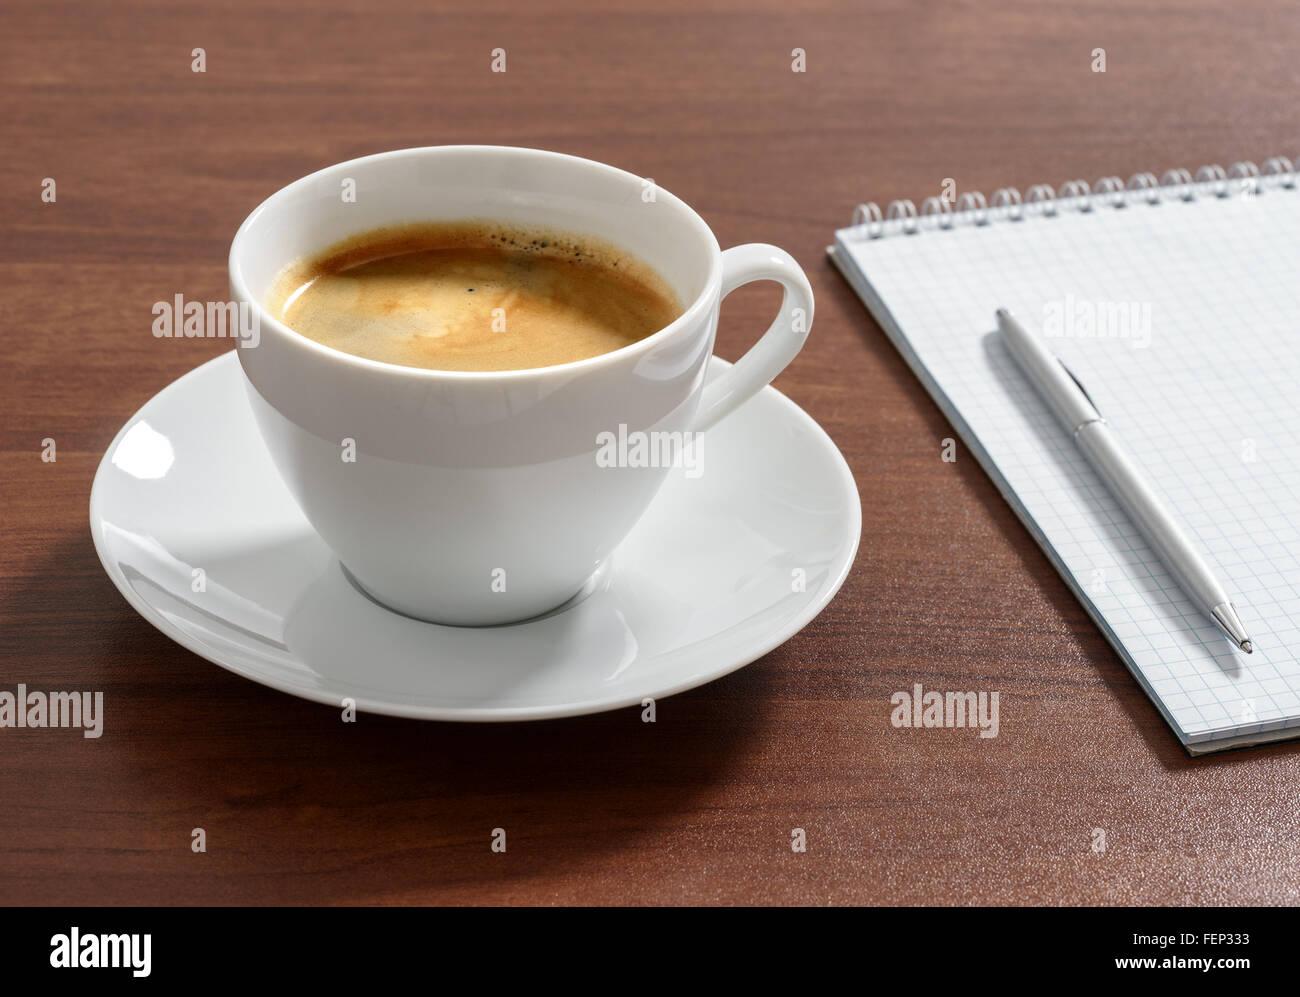 Tazza di caffè aromatico americano con il blocco note e penna. Immagini Stock